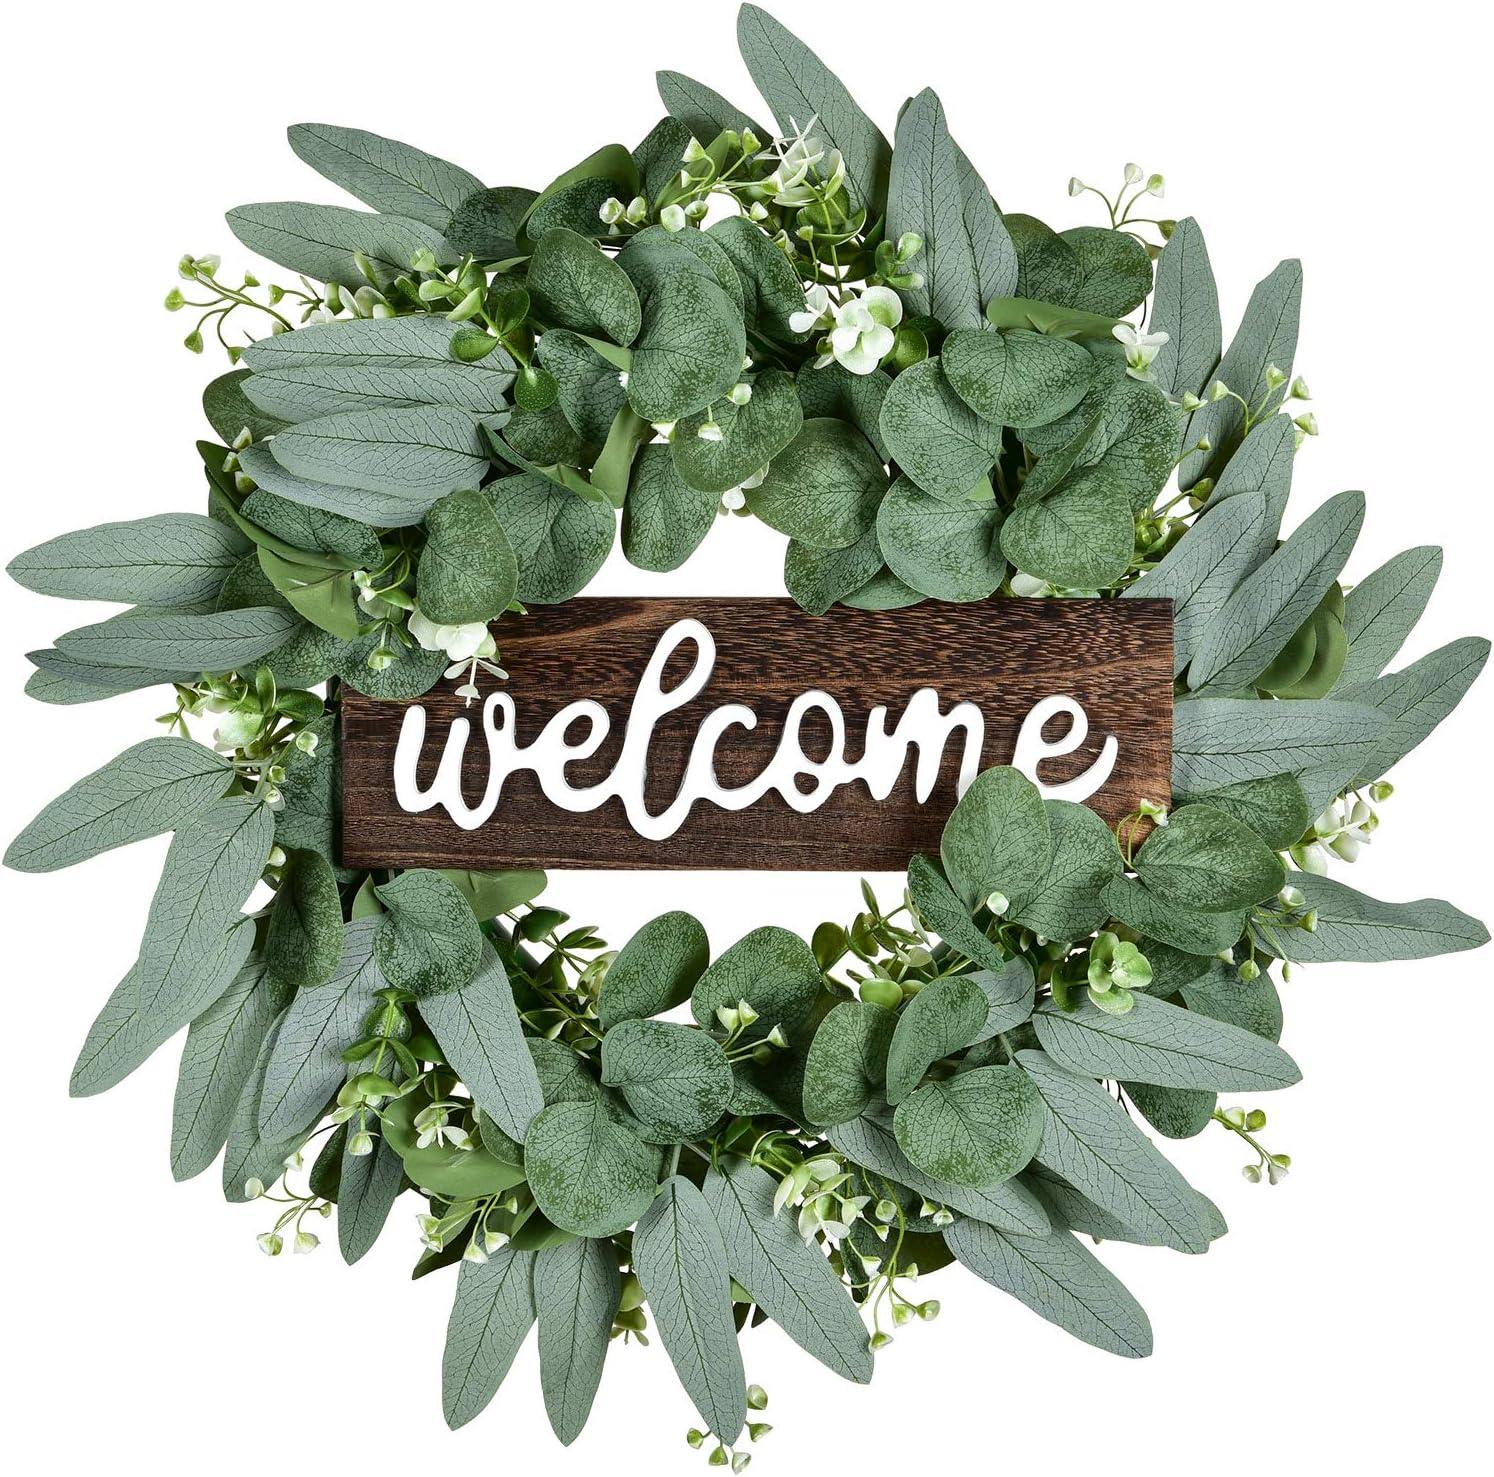 Lvydec Artificial Eucalyptus Wreath - 16